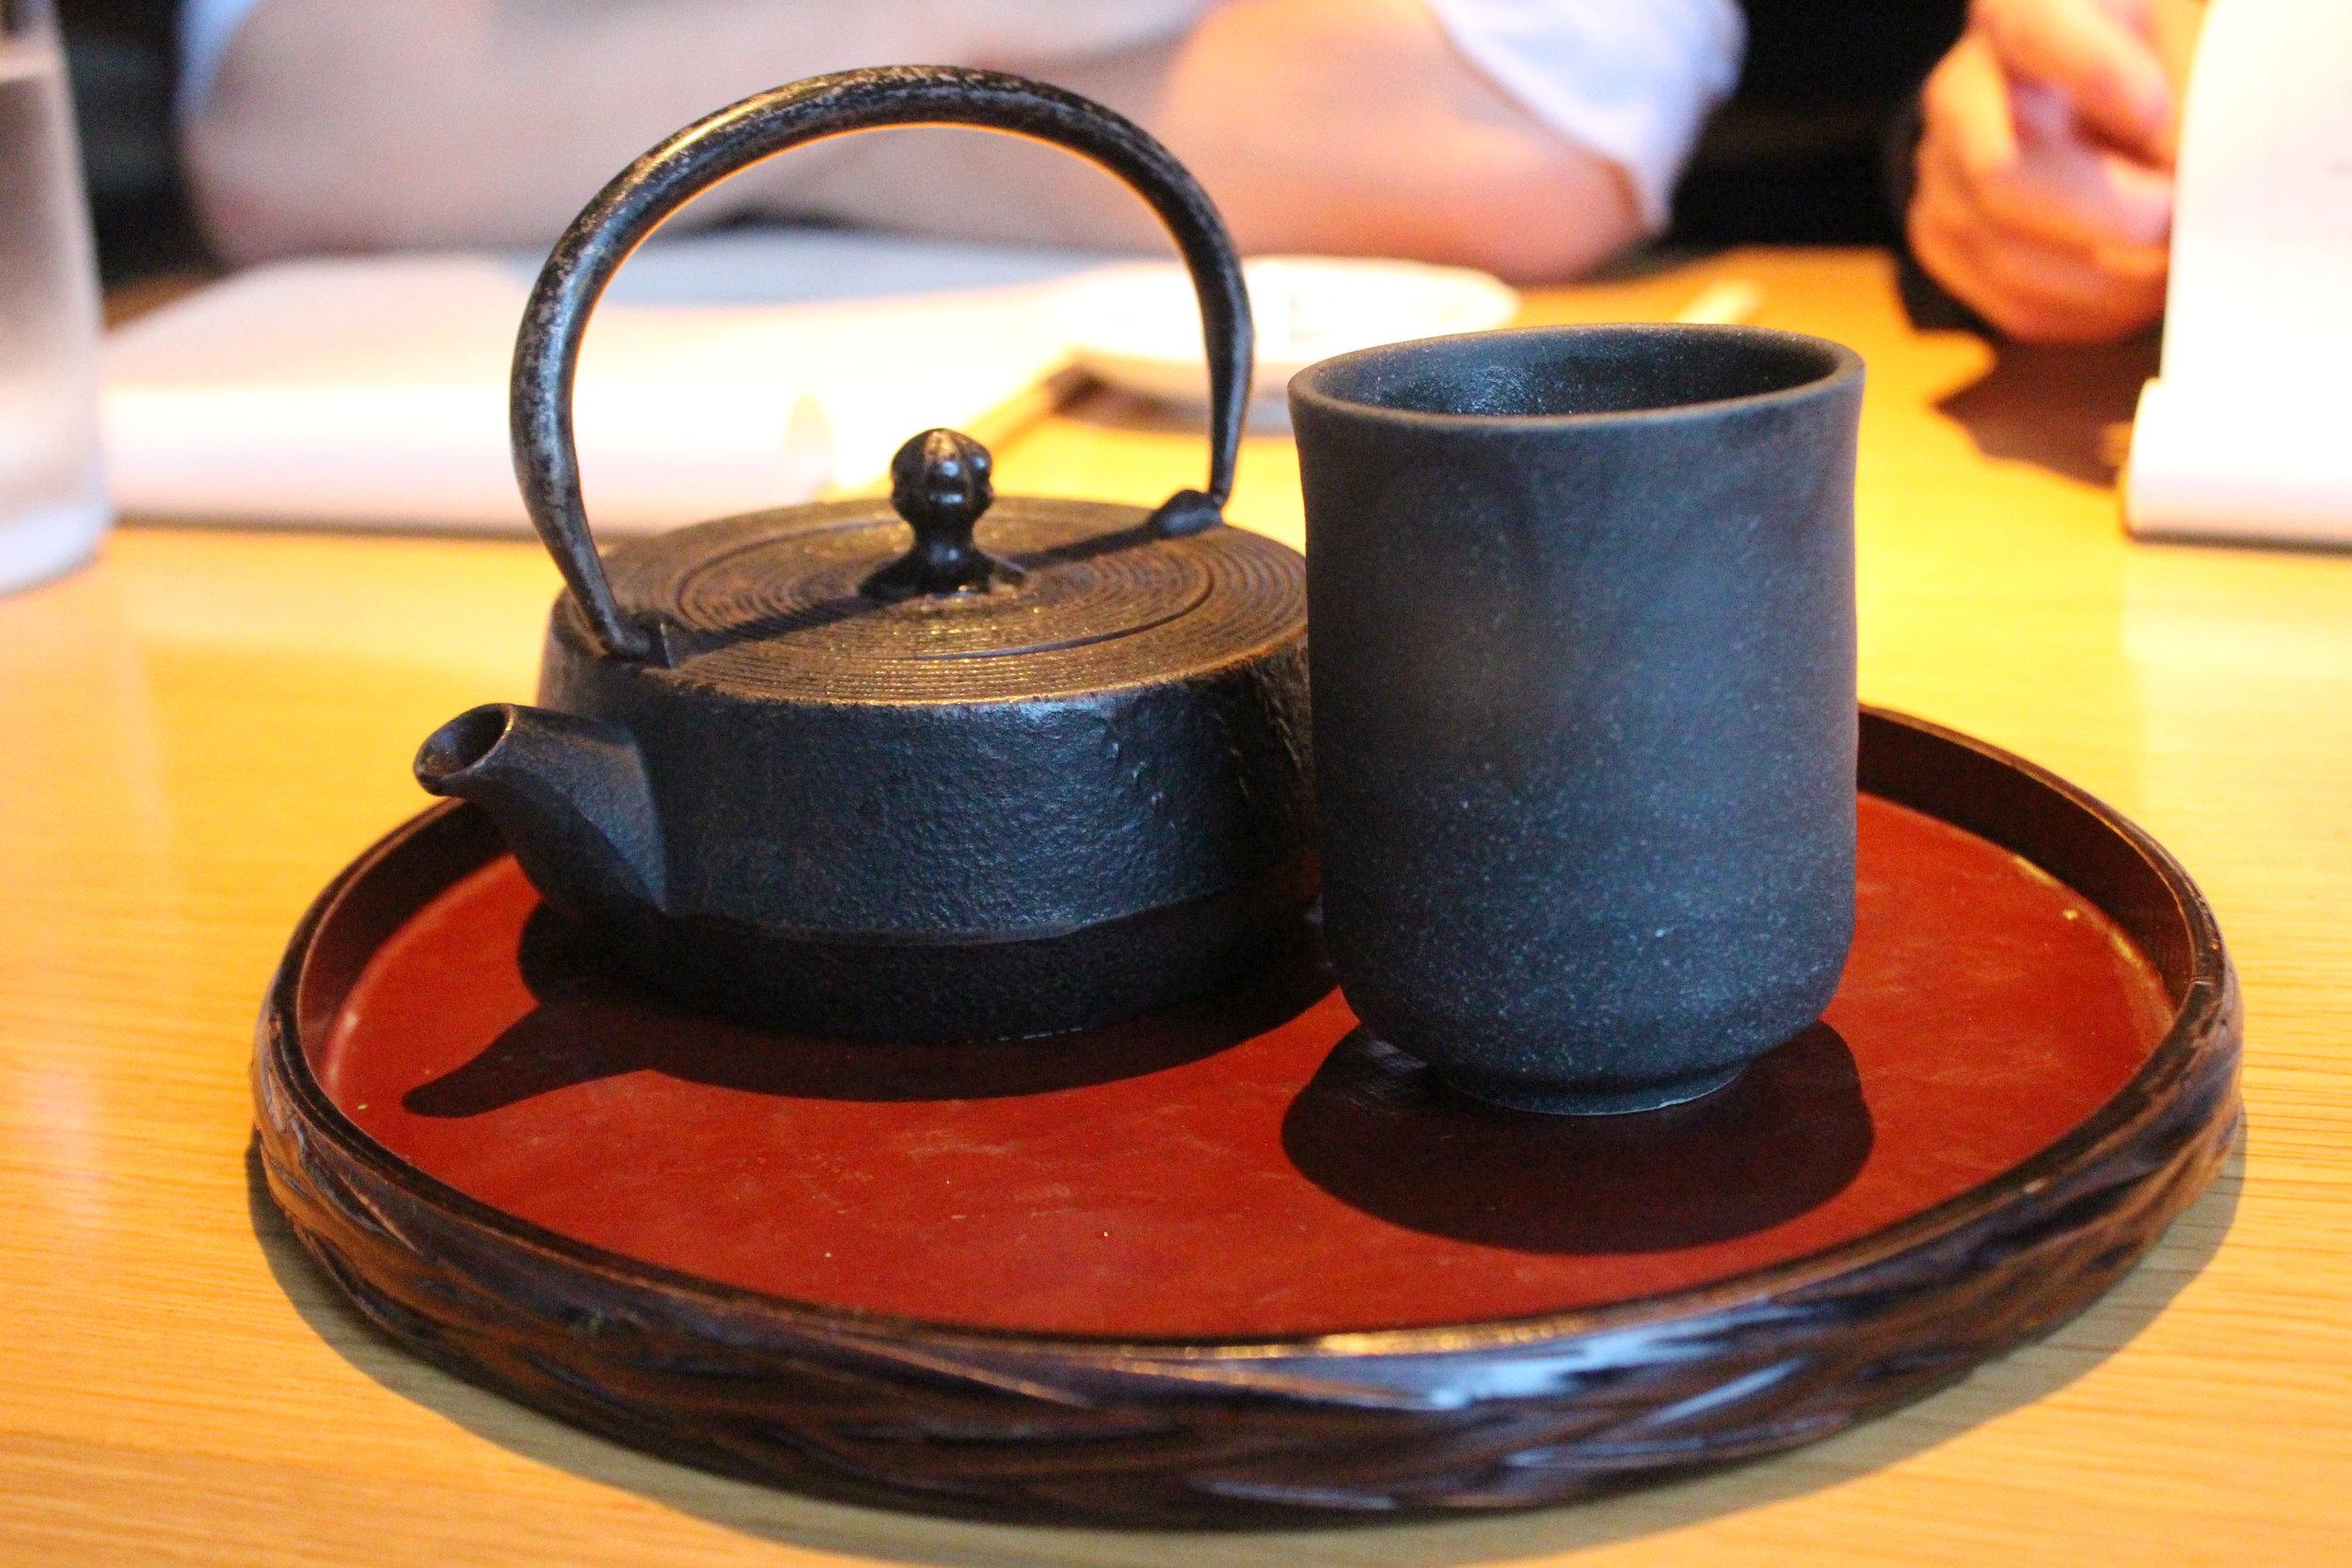 Roasted Rice Tea